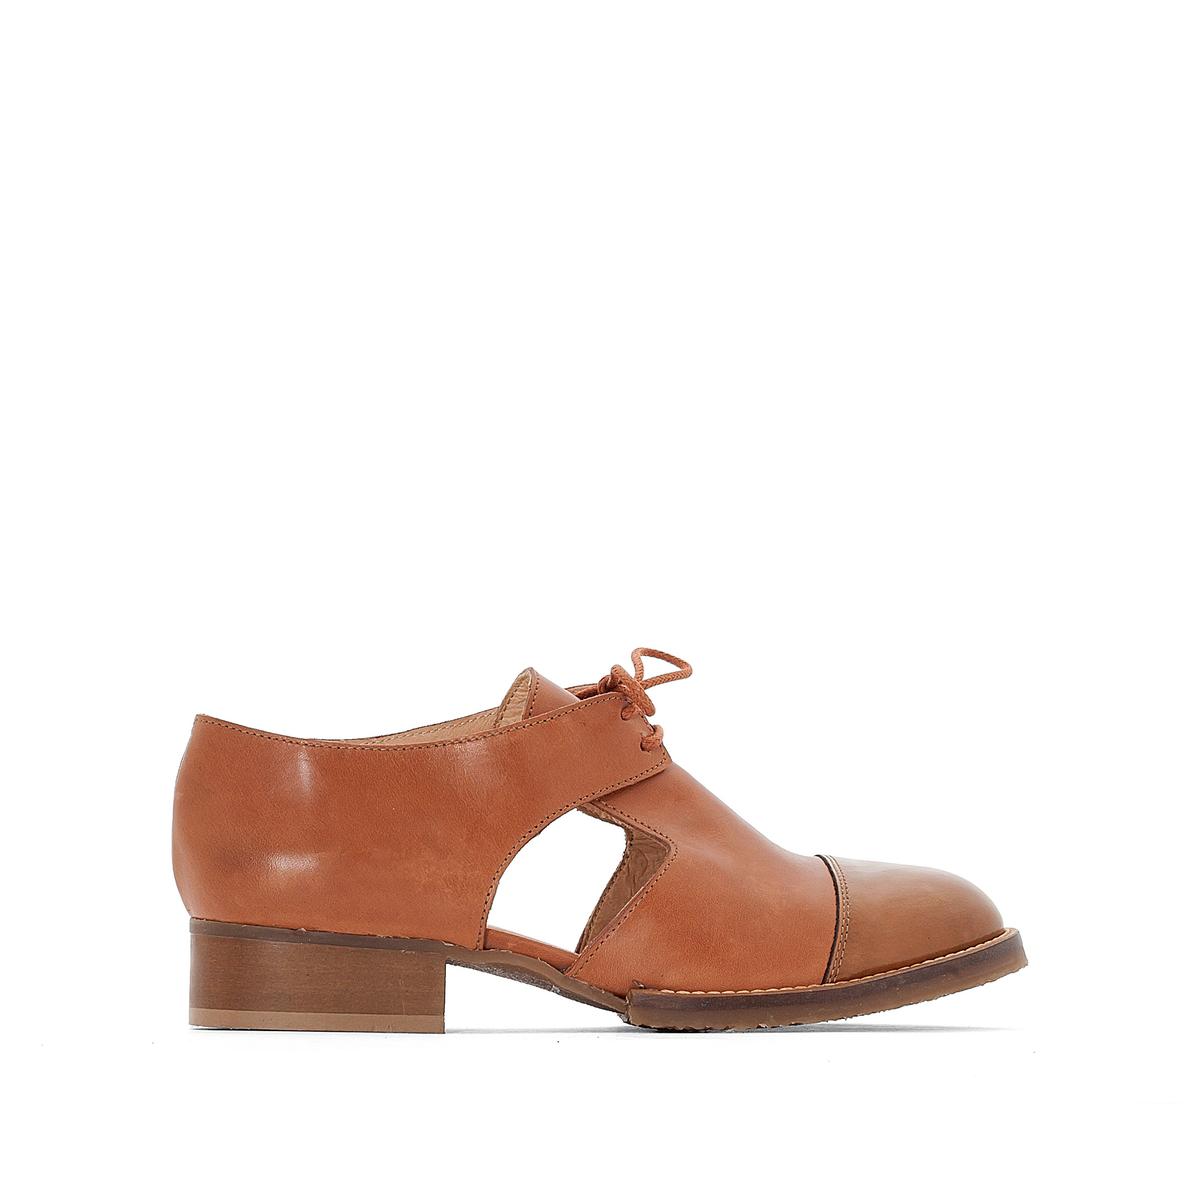 Ботинки-дерби кожаные AnoukВерх : кожа   Подкладка : кожа   Стелька : кожа   Подошва : эластомер   Высота каблука : 1 см   Форма каблука : плоский каблук   Мысок : закругленный мысок   Застежка : шнуровка<br><br>Цвет: коньячный